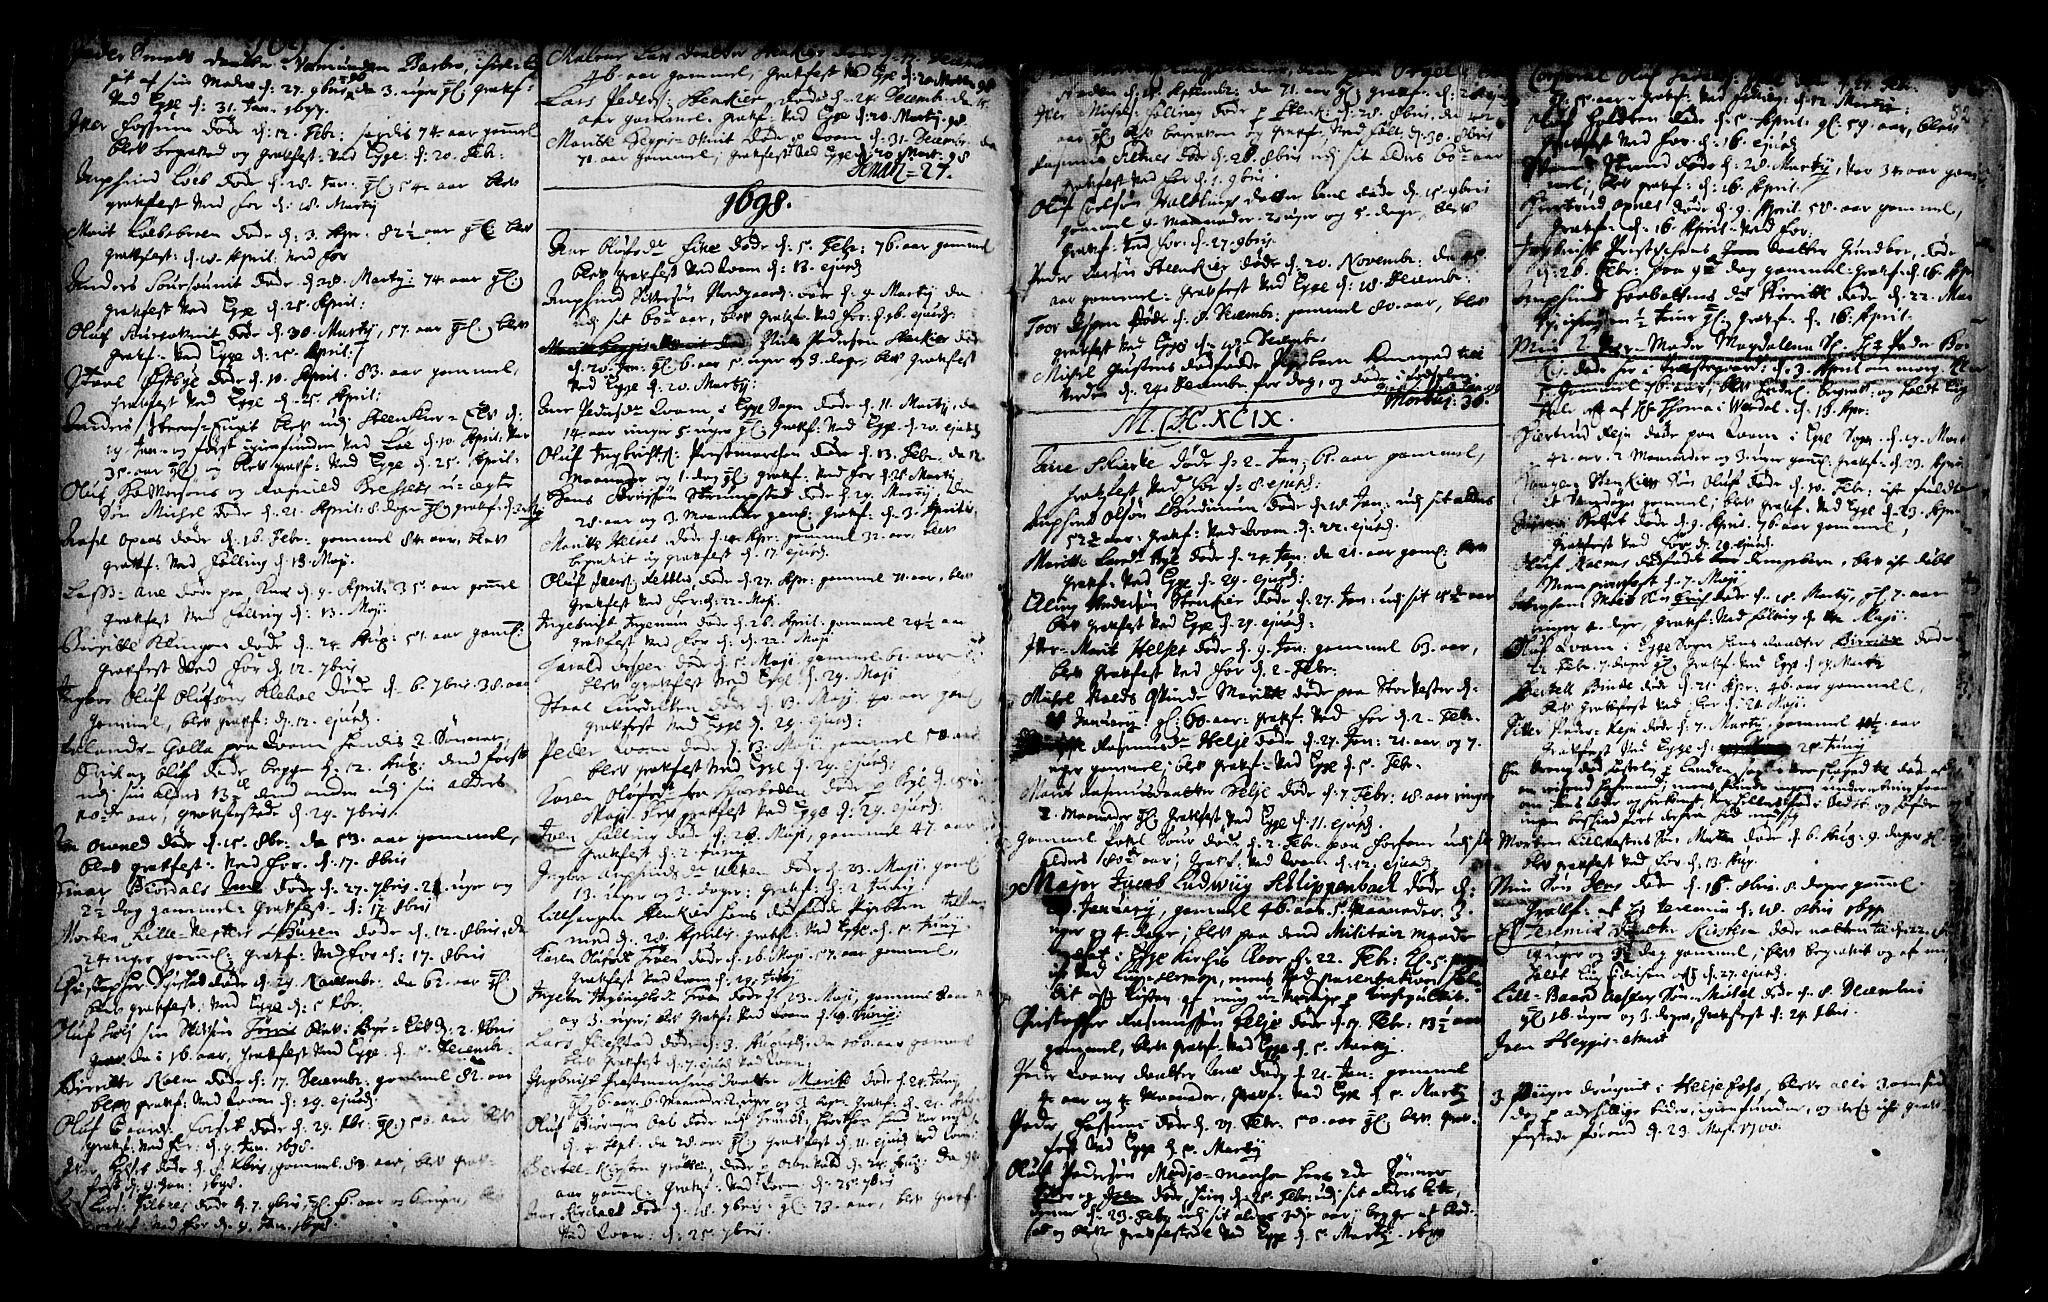 SAT, Ministerialprotokoller, klokkerbøker og fødselsregistre - Nord-Trøndelag, 746/L0439: Ministerialbok nr. 746A01, 1688-1759, s. 52